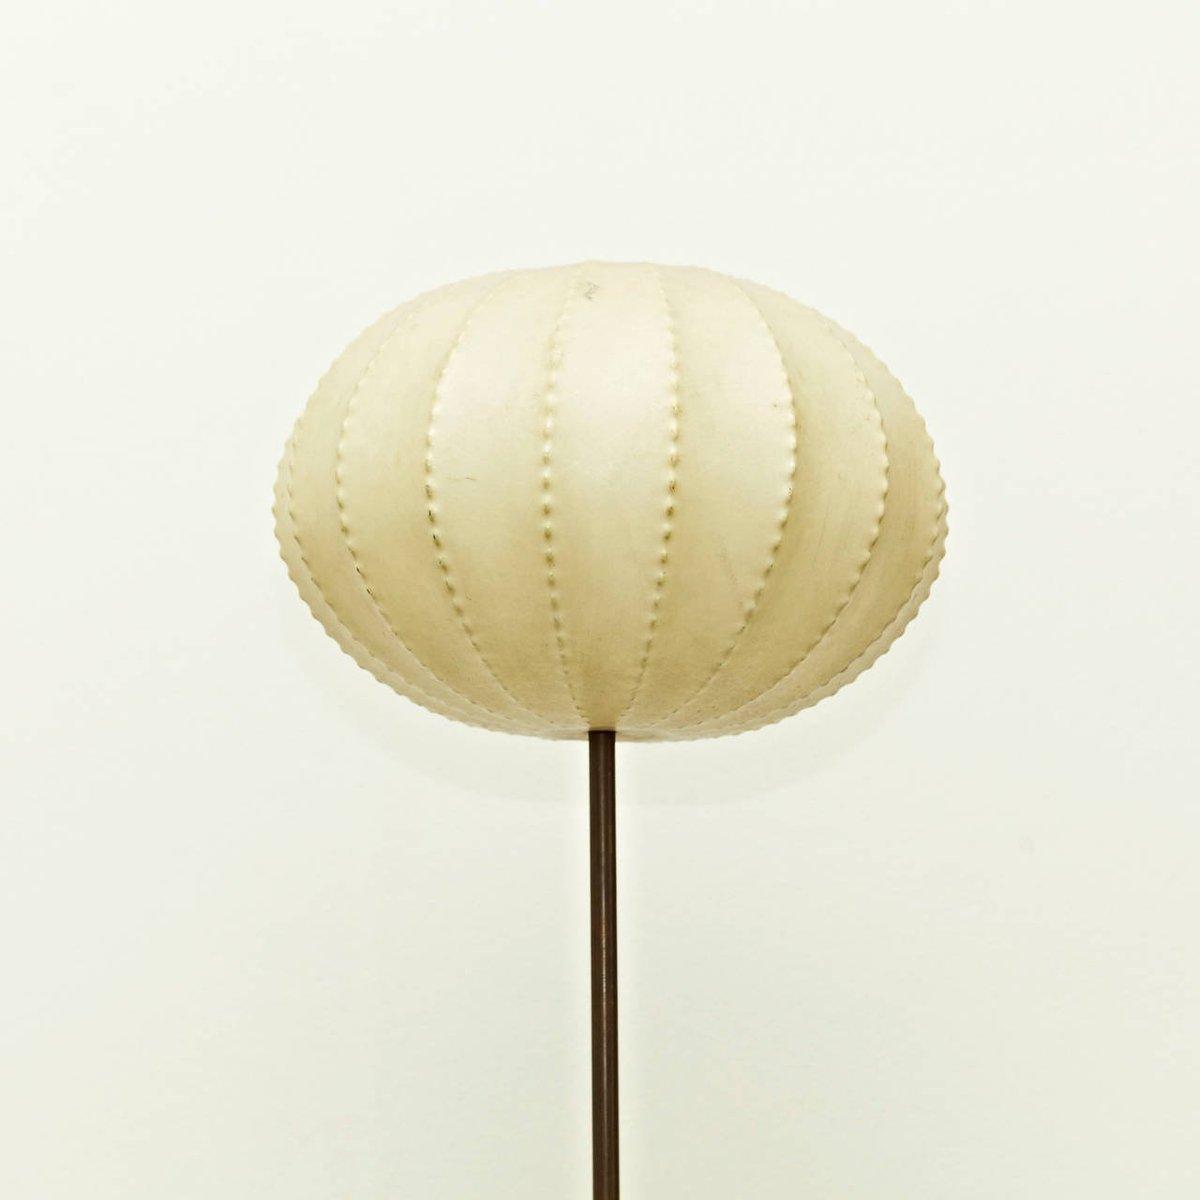 franz sische vintage stehlampe mit rundem lampenschirm 1960er bei pamono kaufen. Black Bedroom Furniture Sets. Home Design Ideas